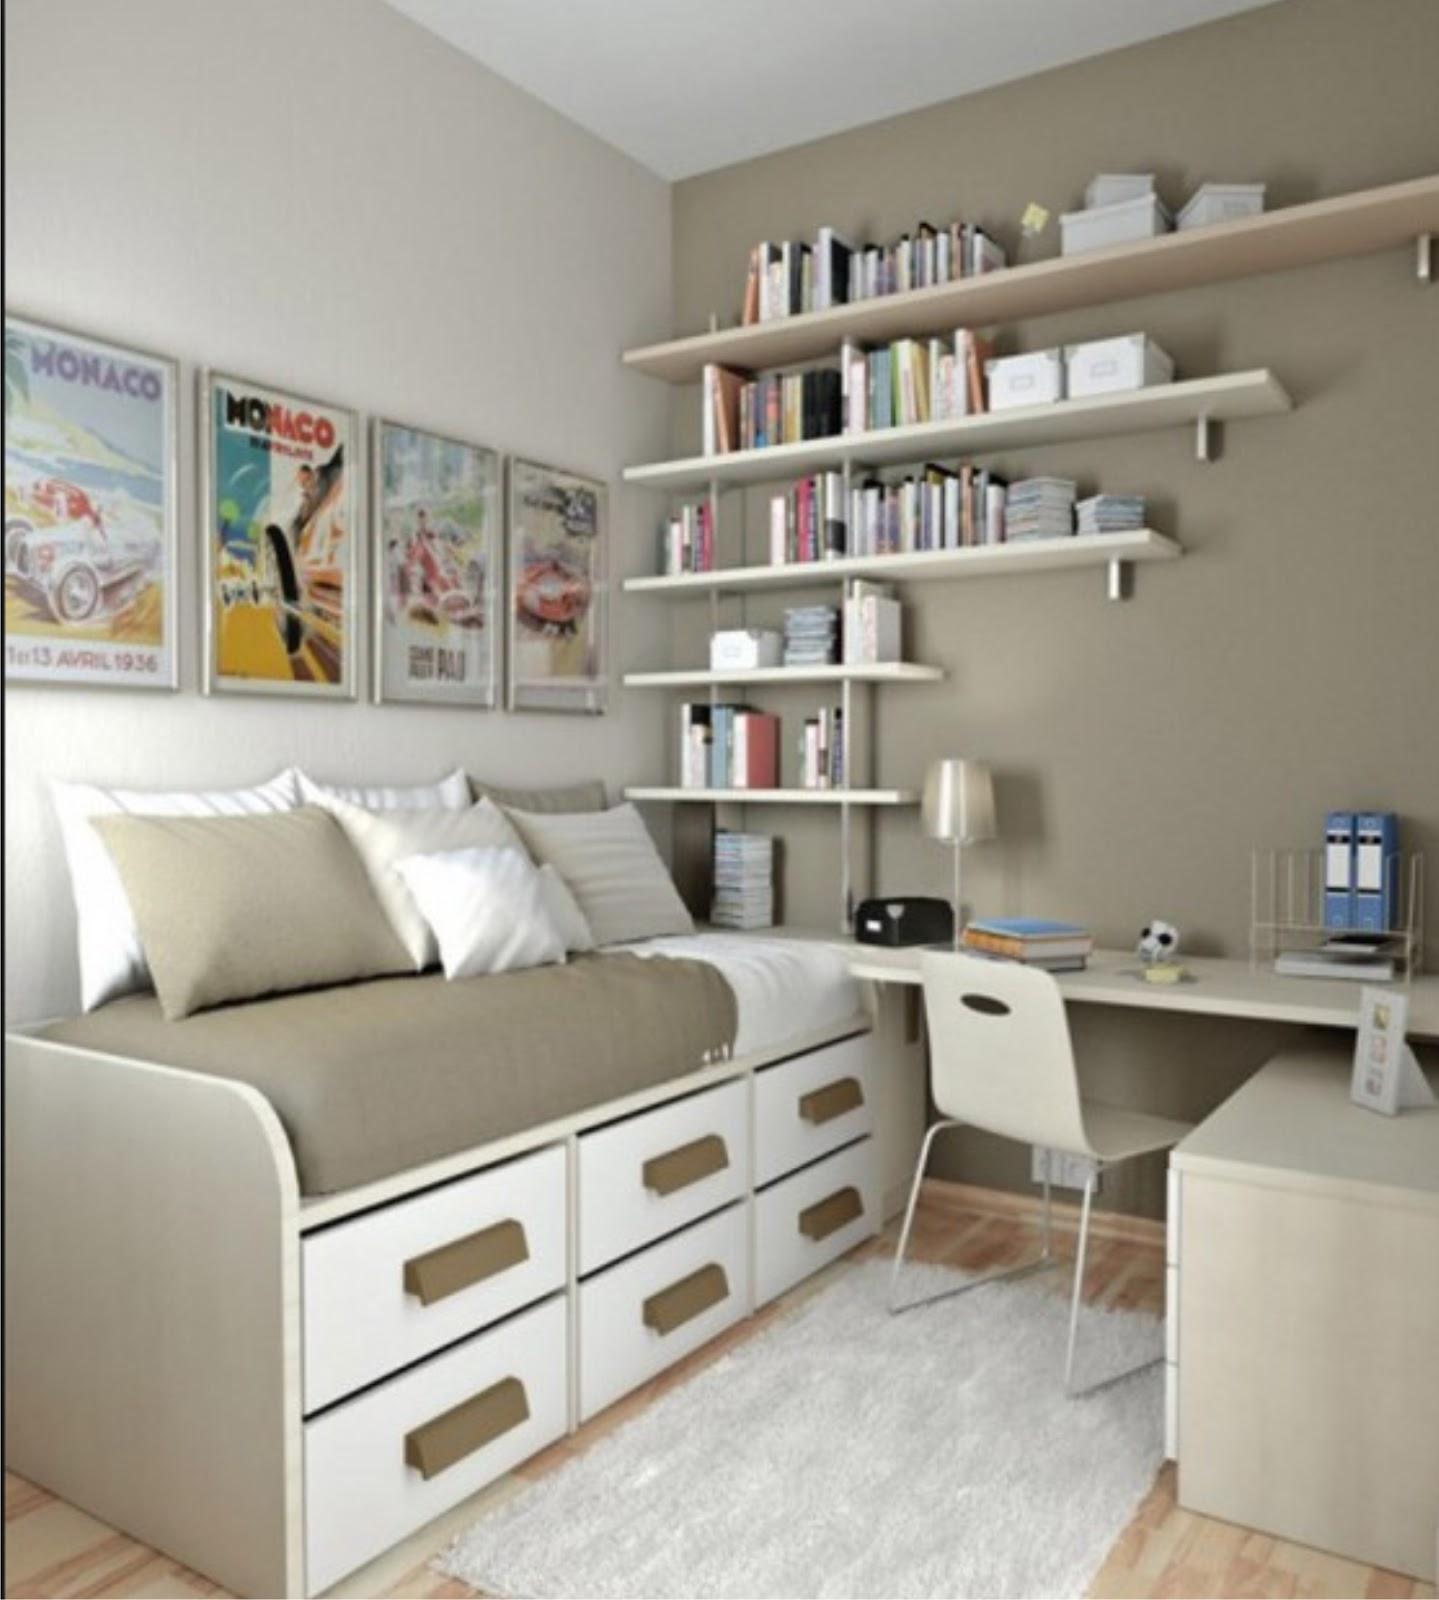 Tempat+tidur+sempit+warna+putih